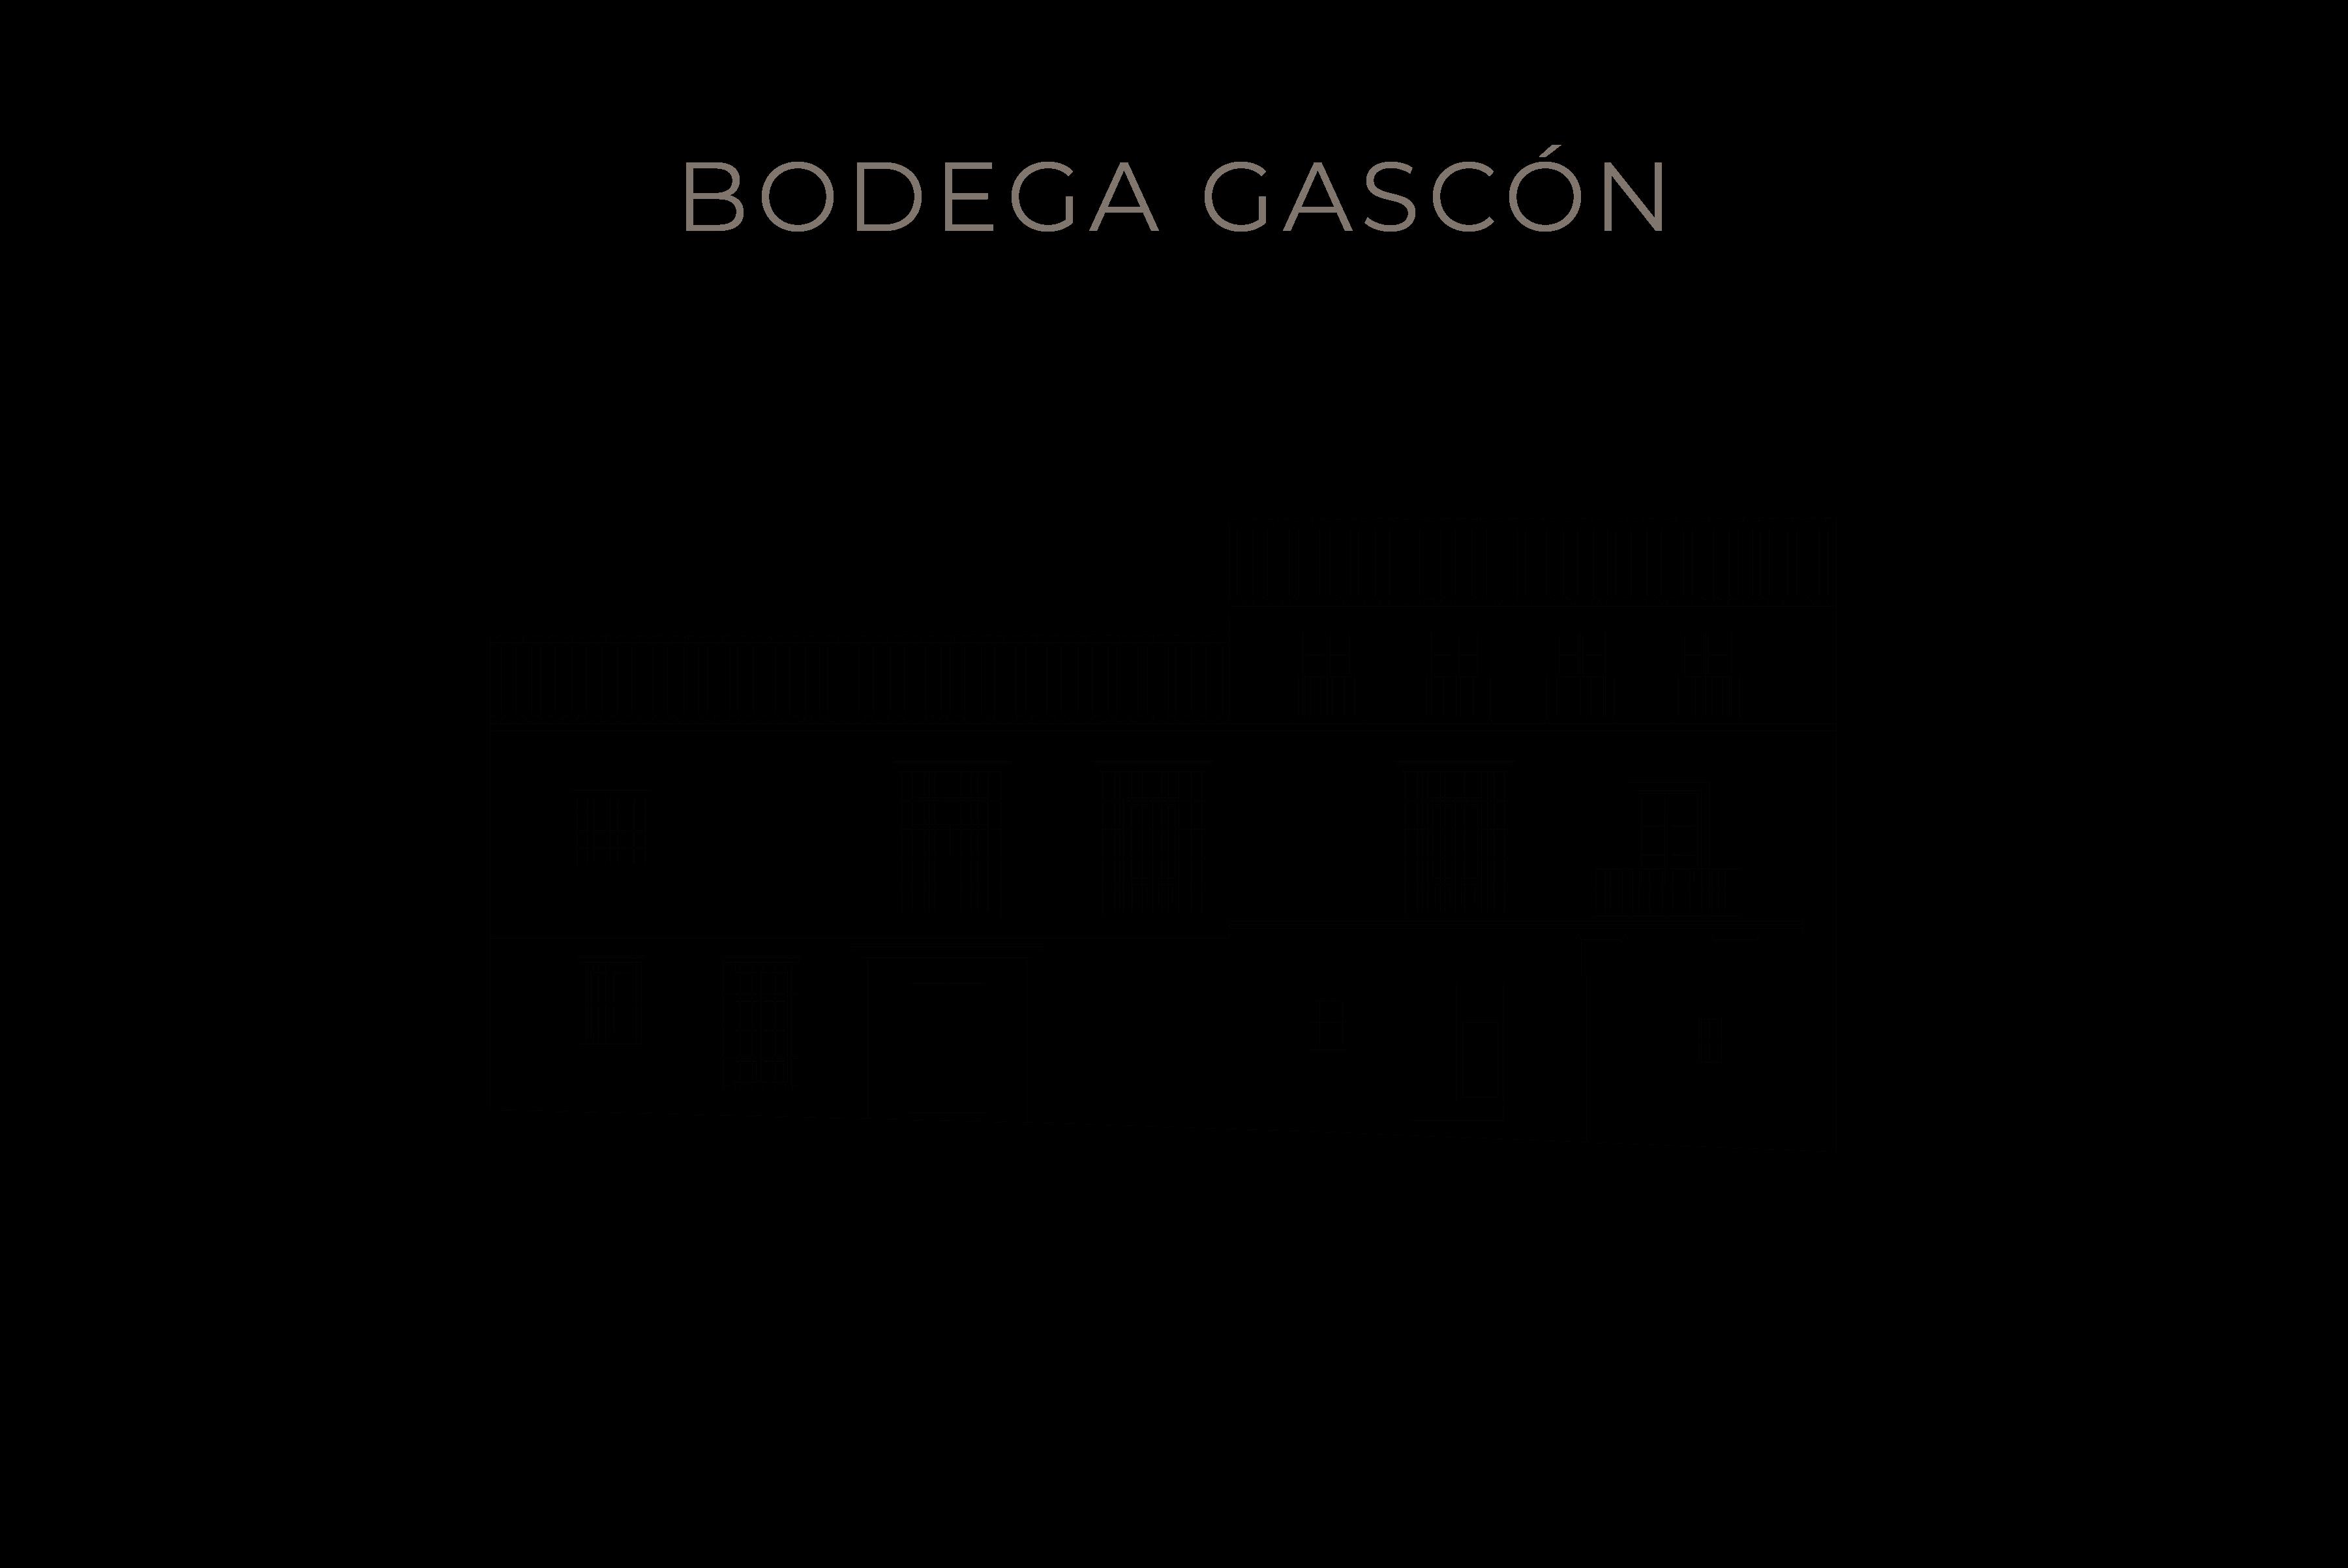 Bodega-Gascón